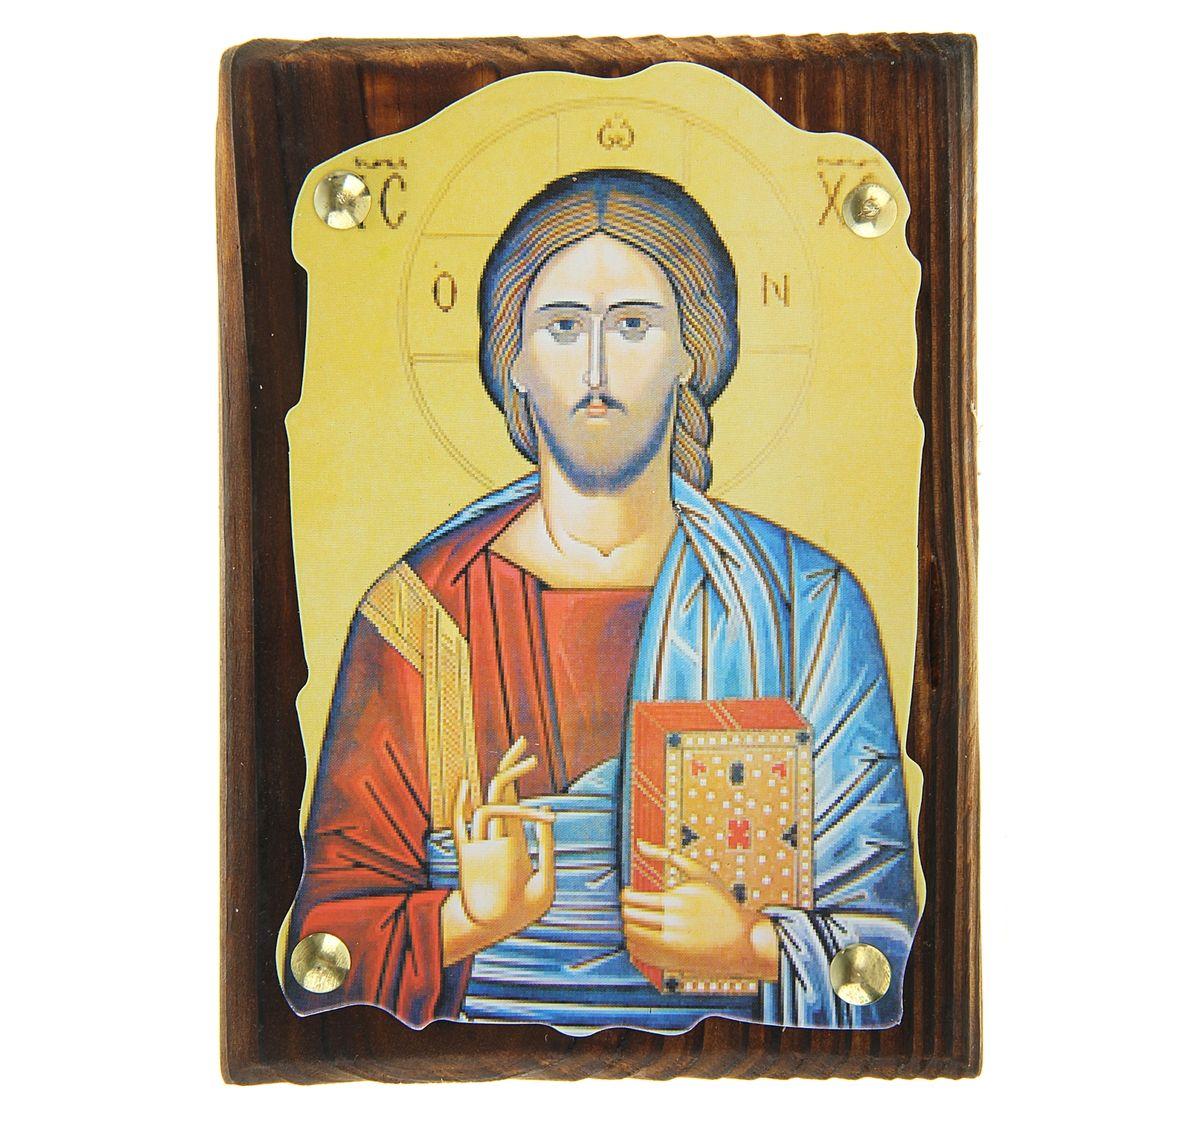 Икона Иисус Христос, 10,5 х 14,5 см137010Икона Иисус Христос выполнена из картона, с нанесенным изображением, который крепиться на деревянную дощечку, обработанную огнем. На обратной стороне имеется отверстие, благодаря которому икону удобно вешать на стену. Изображенный образ полностью соответствует канонам Русской Православной Церкви. Такая икона будет прекрасным подарком с духовной составляющей.